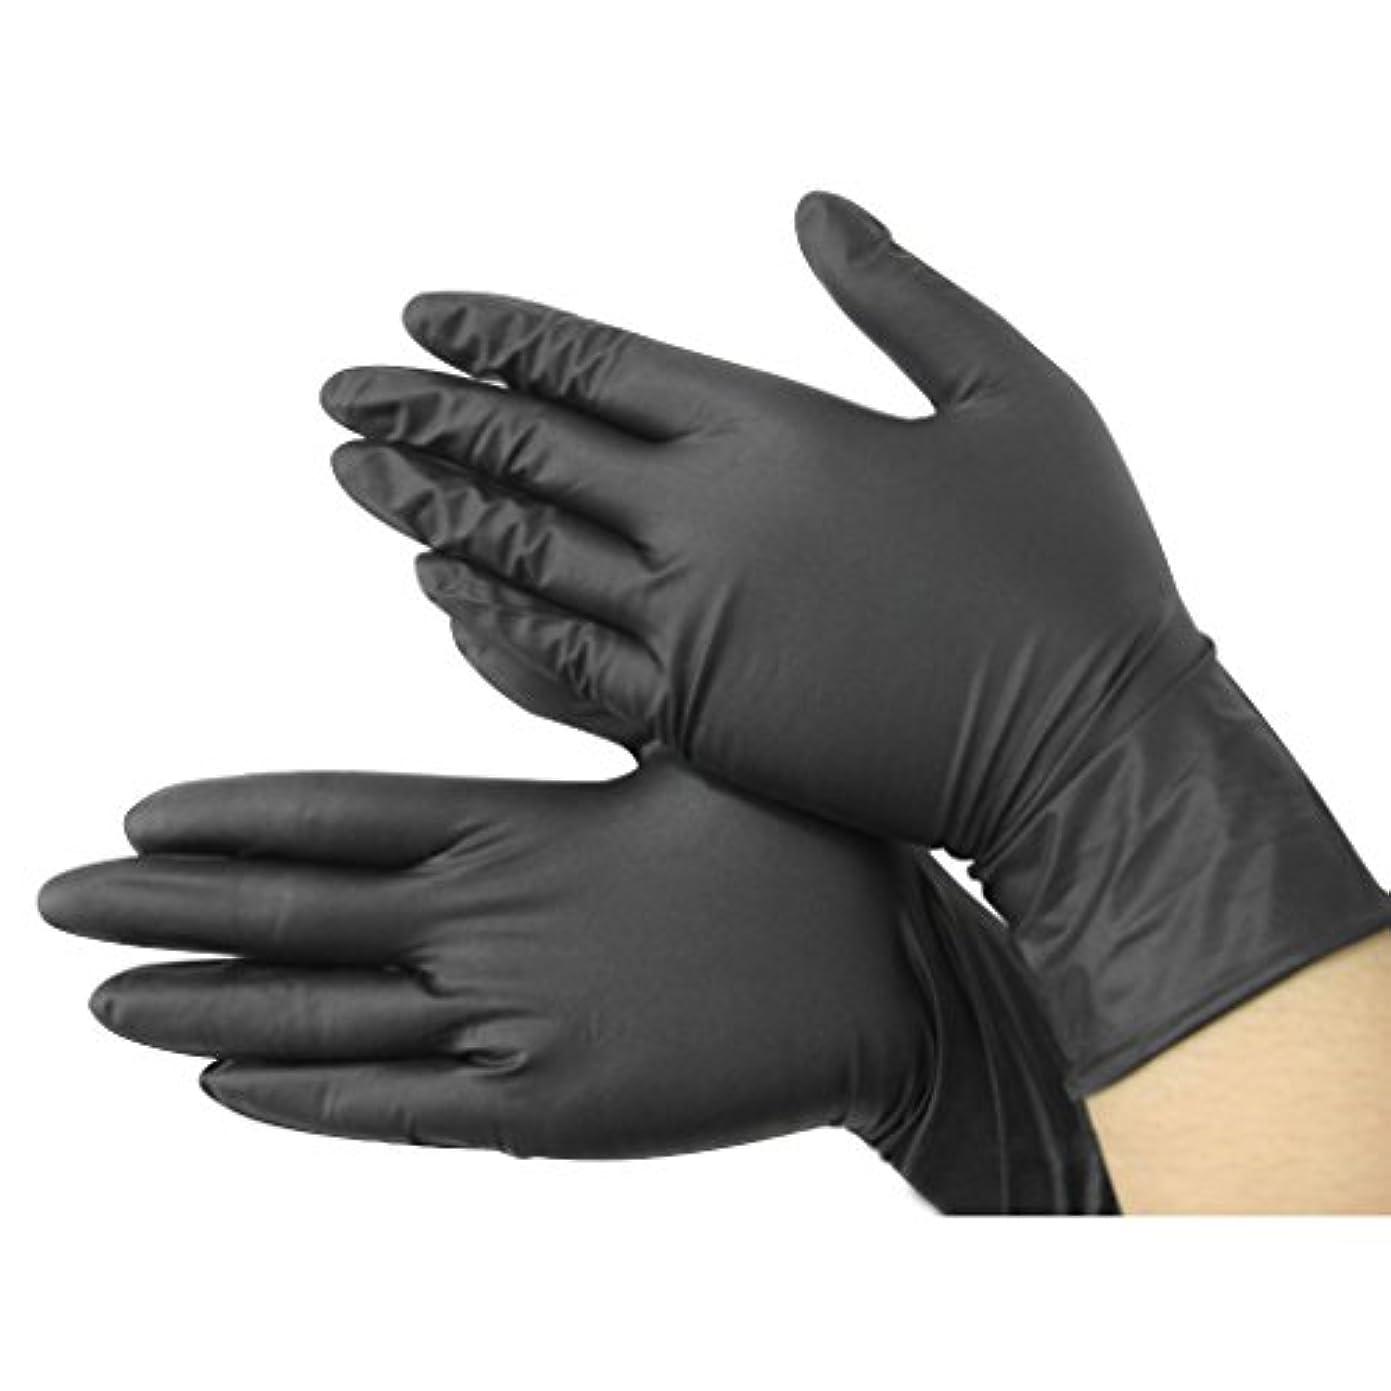 ファシズム建築家トリクルGaoominy 黒いニトリル使い捨てクール手袋 パワーフリーX100 - 入れ墨 - メカニック 新しい